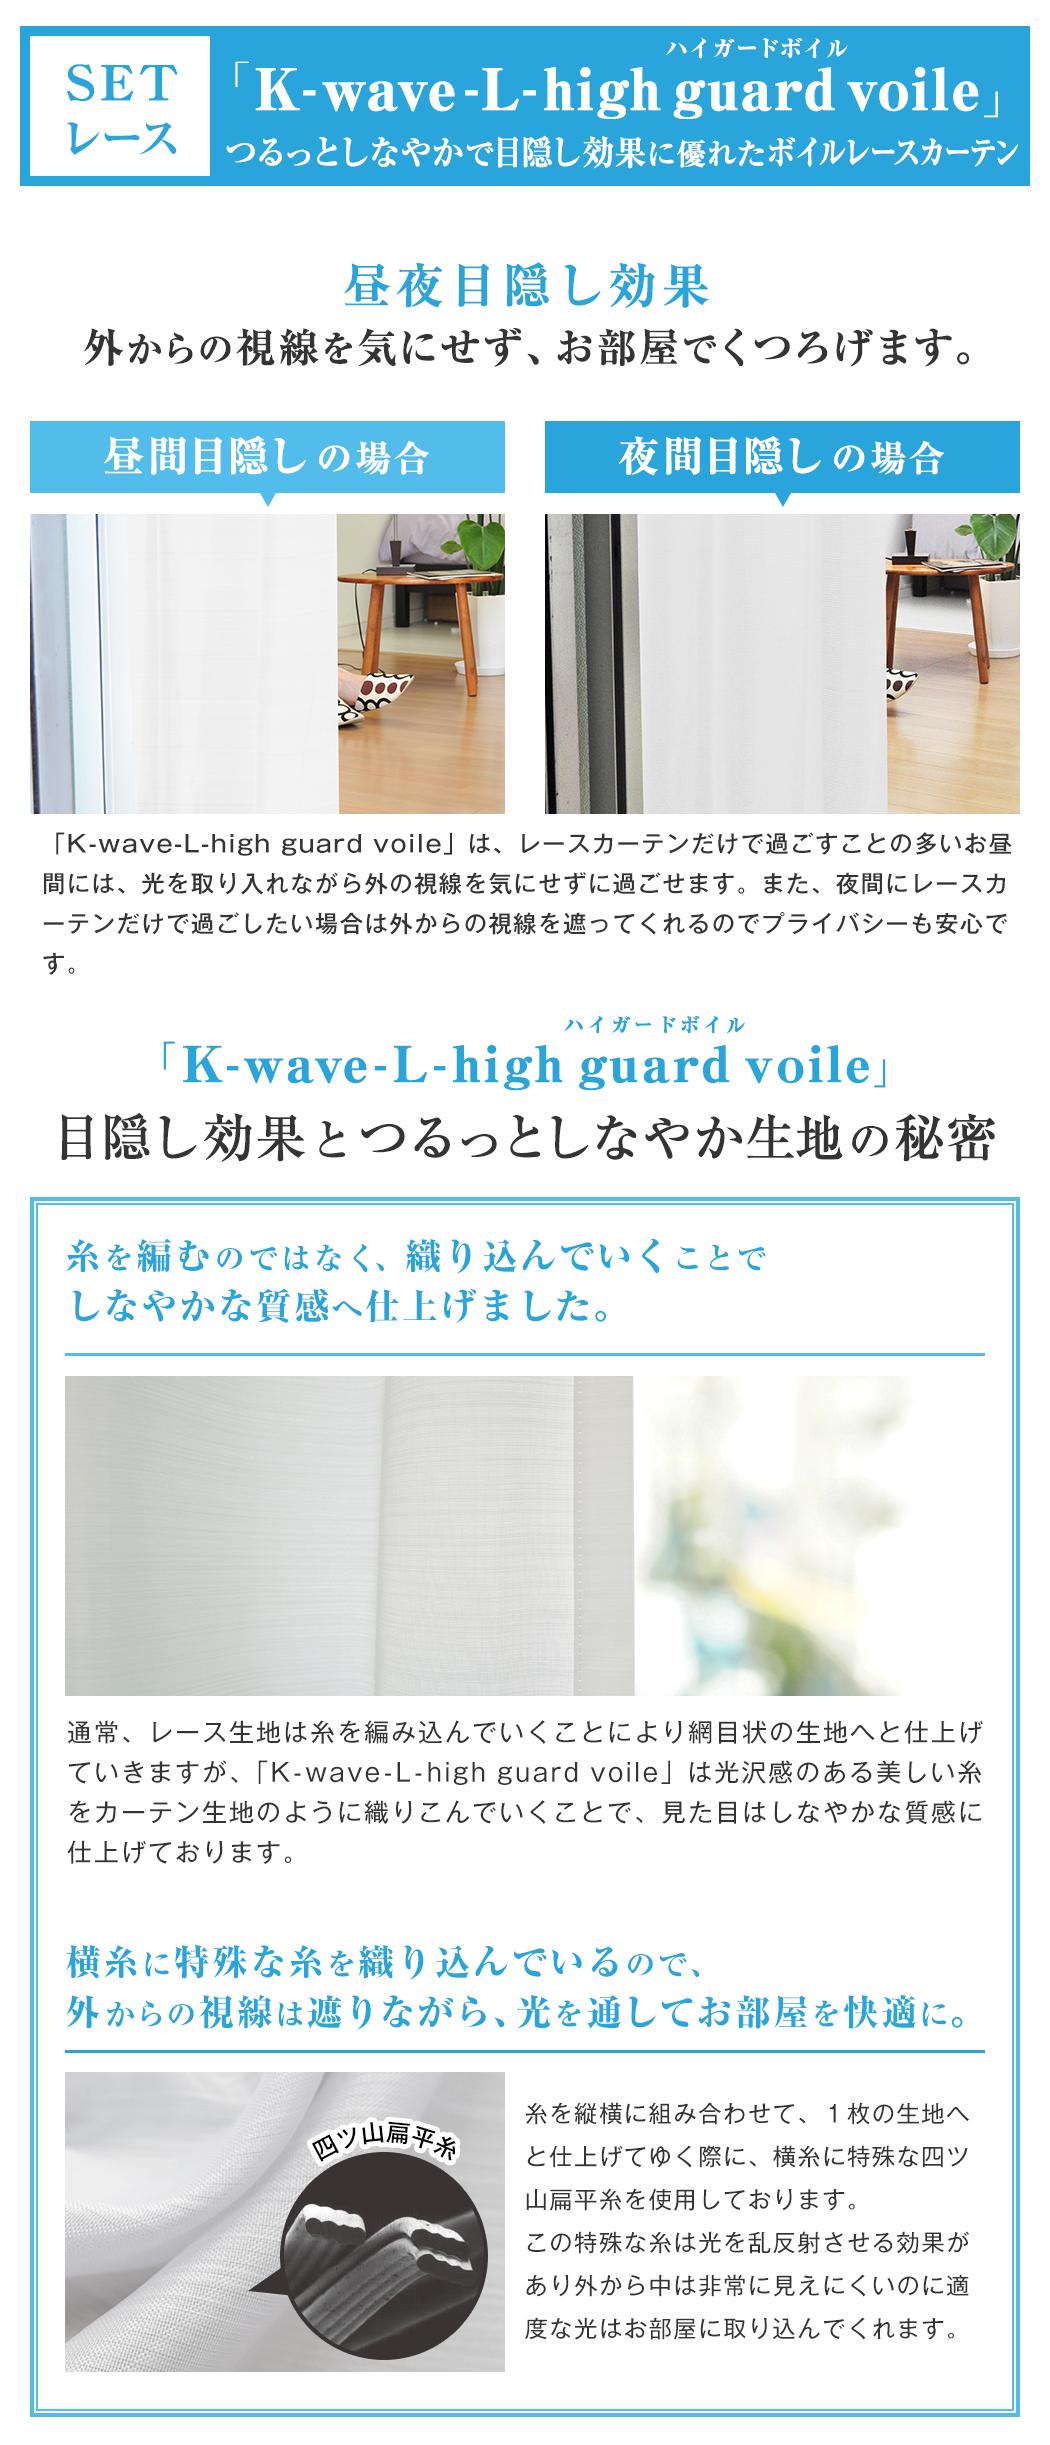 SETレースカーテン 「K-wave-L-high guard voile」つるっとしなやかで目隠し効果に優れたボイルレースカーテン